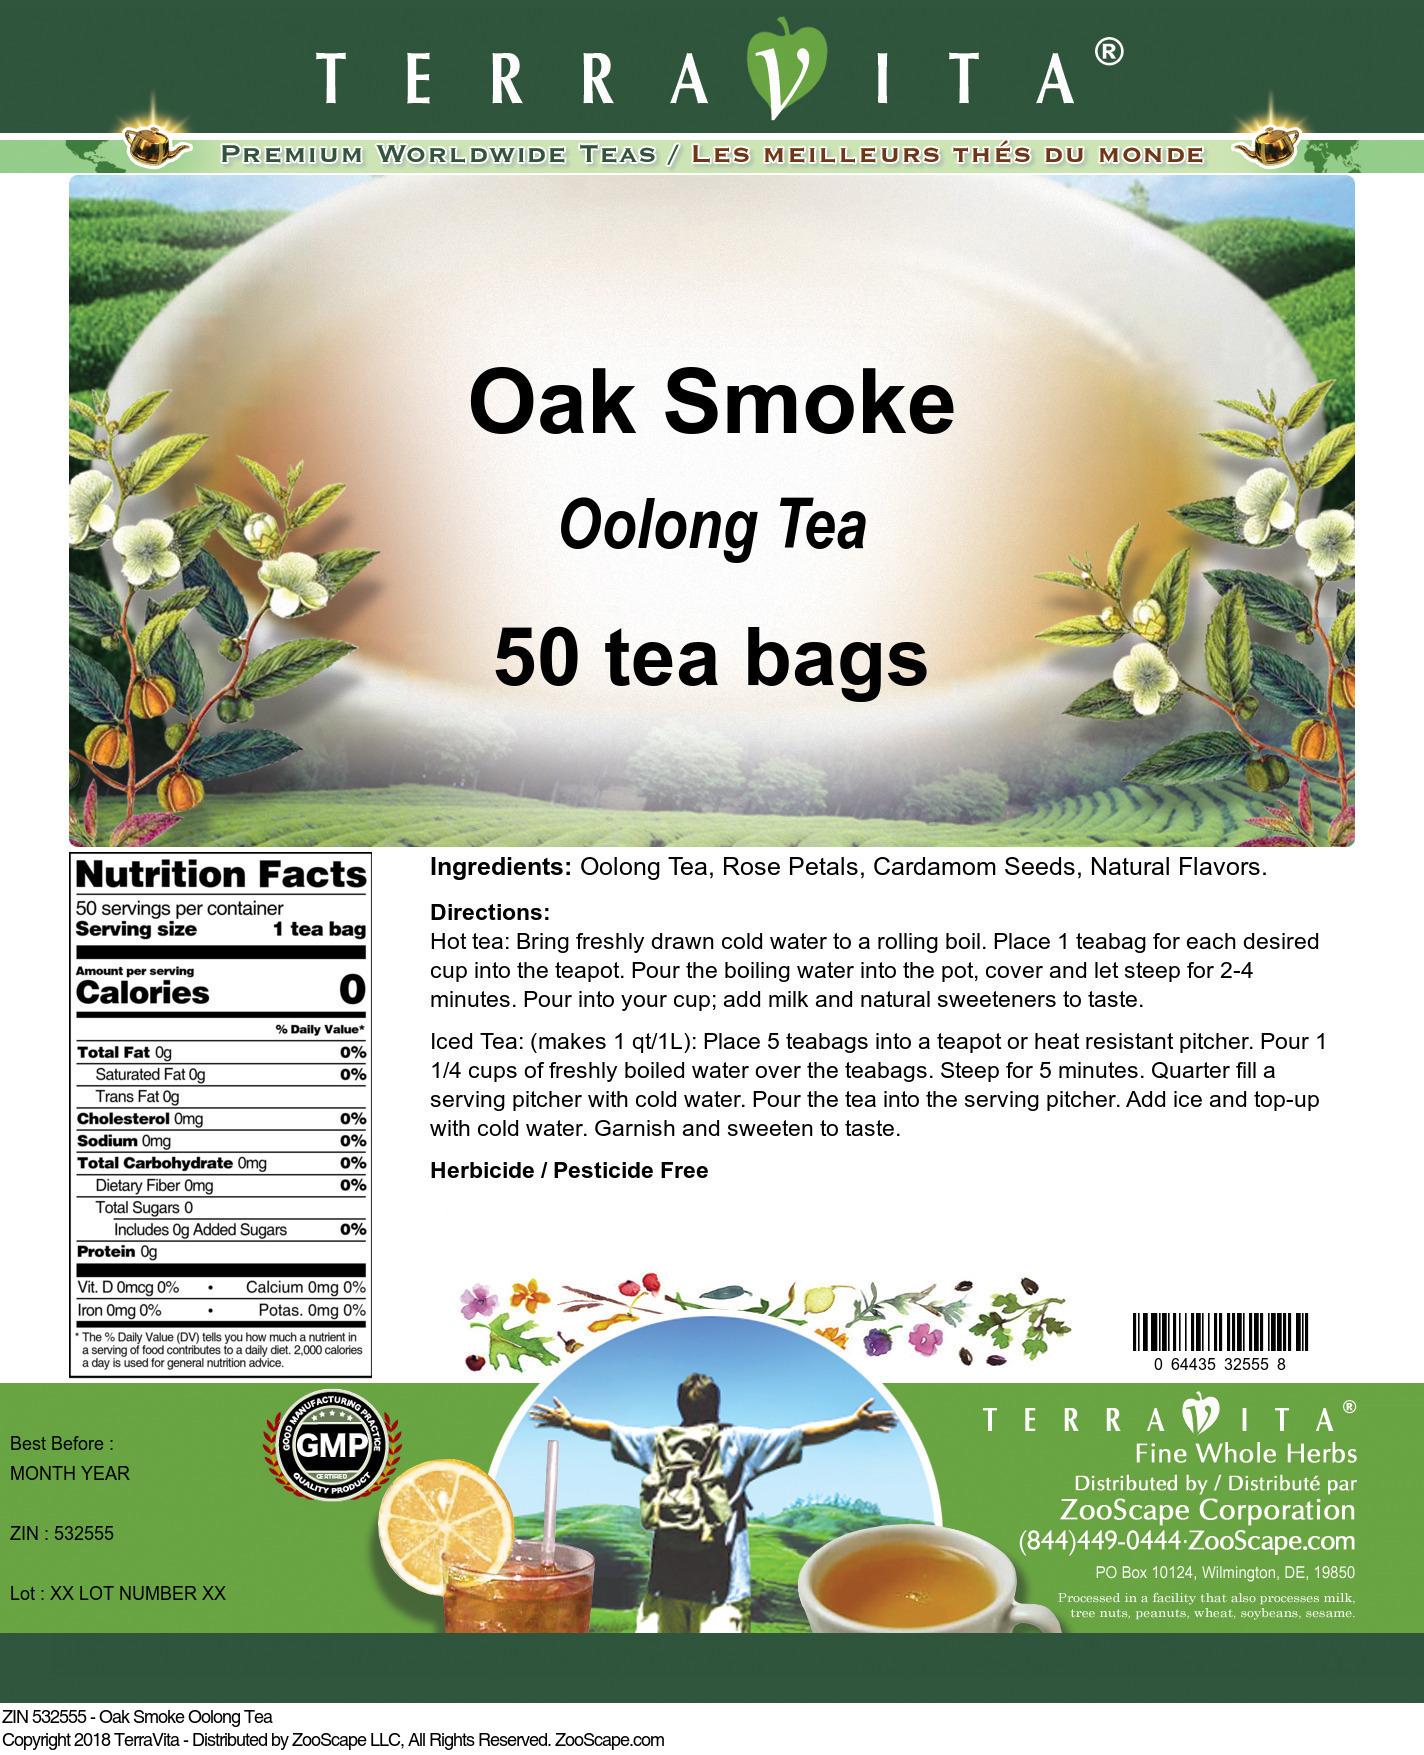 Oak Smoke Oolong Tea